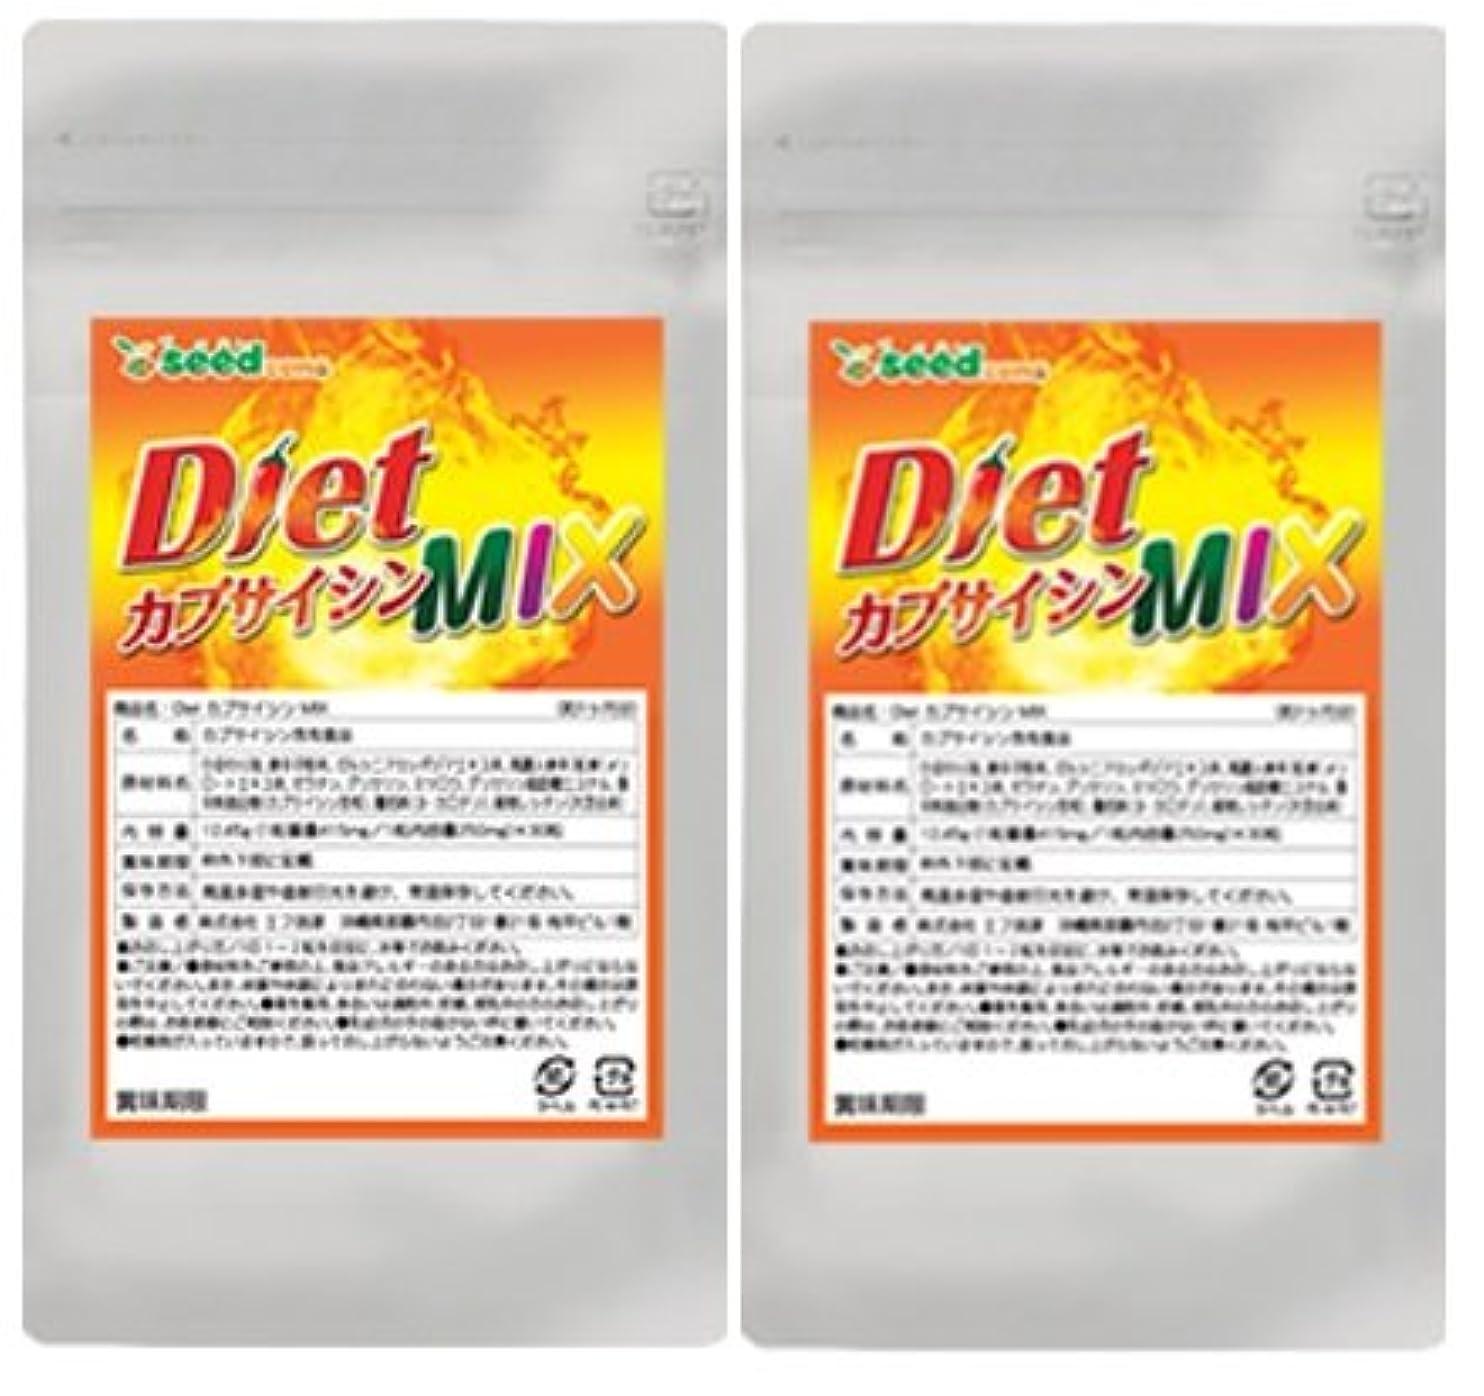 怪しいピーブ容疑者【 seedcoms シードコムス 公式 】Diet カプサイシン MIX (約6ケ月分) メリロート、高麗人参もプラス